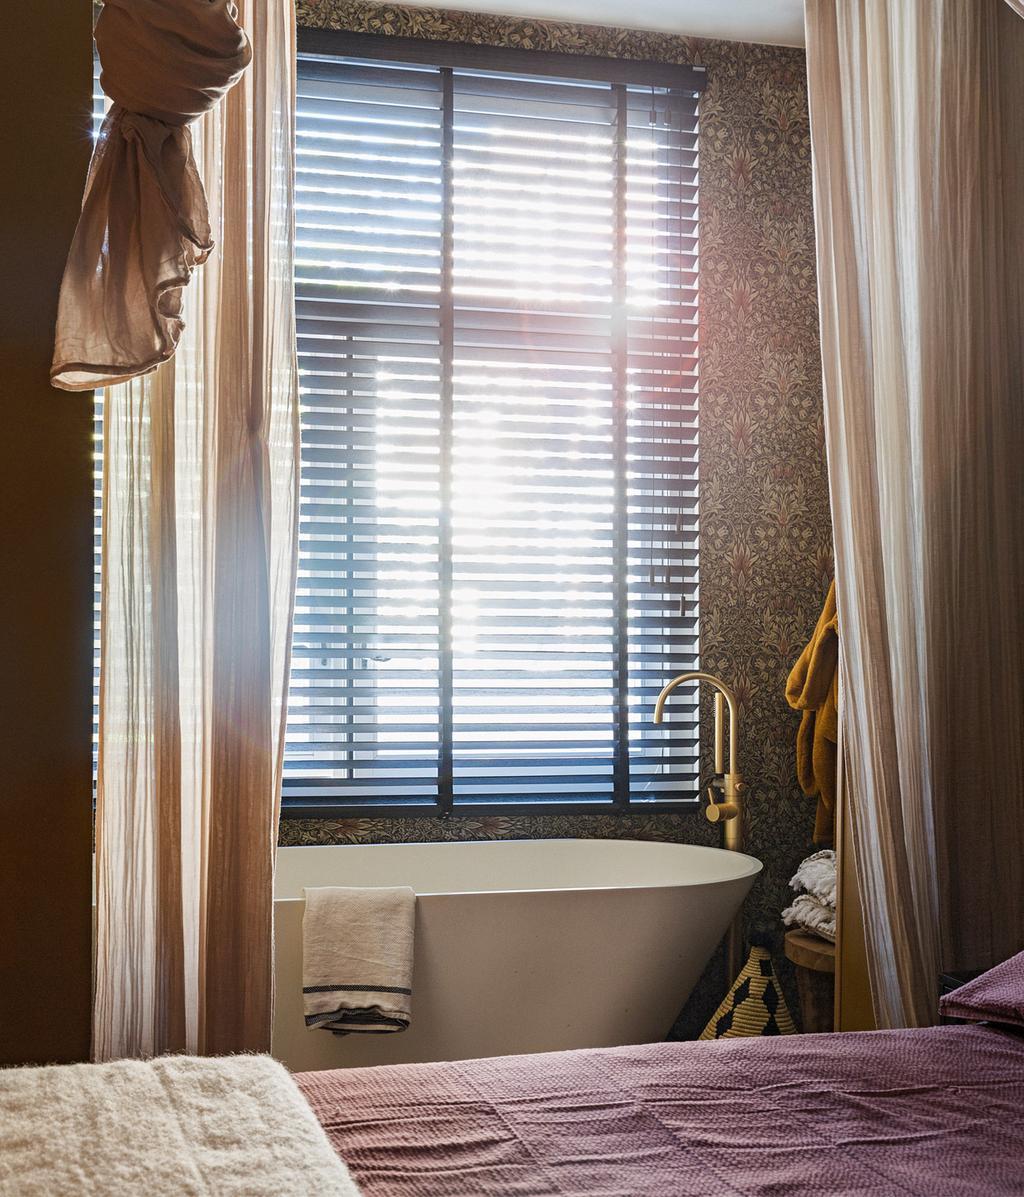 Romantische look | badkamer | vtwonen 11-2020